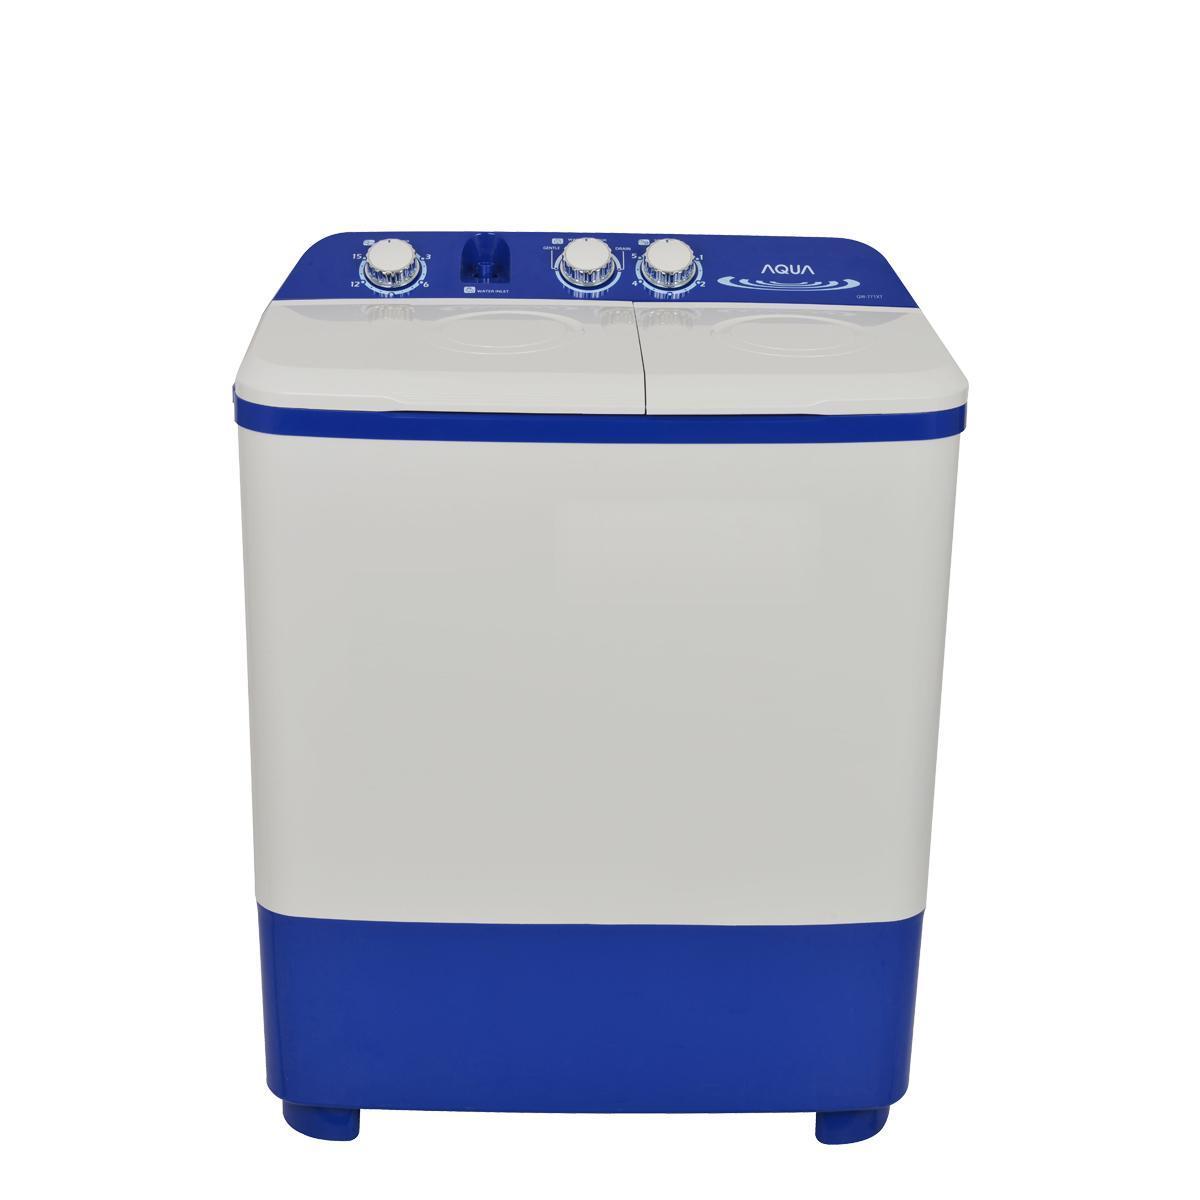 Mesin Cuci Aqua Sanyo QW771XT,new model,7kg,harga dijamin murah